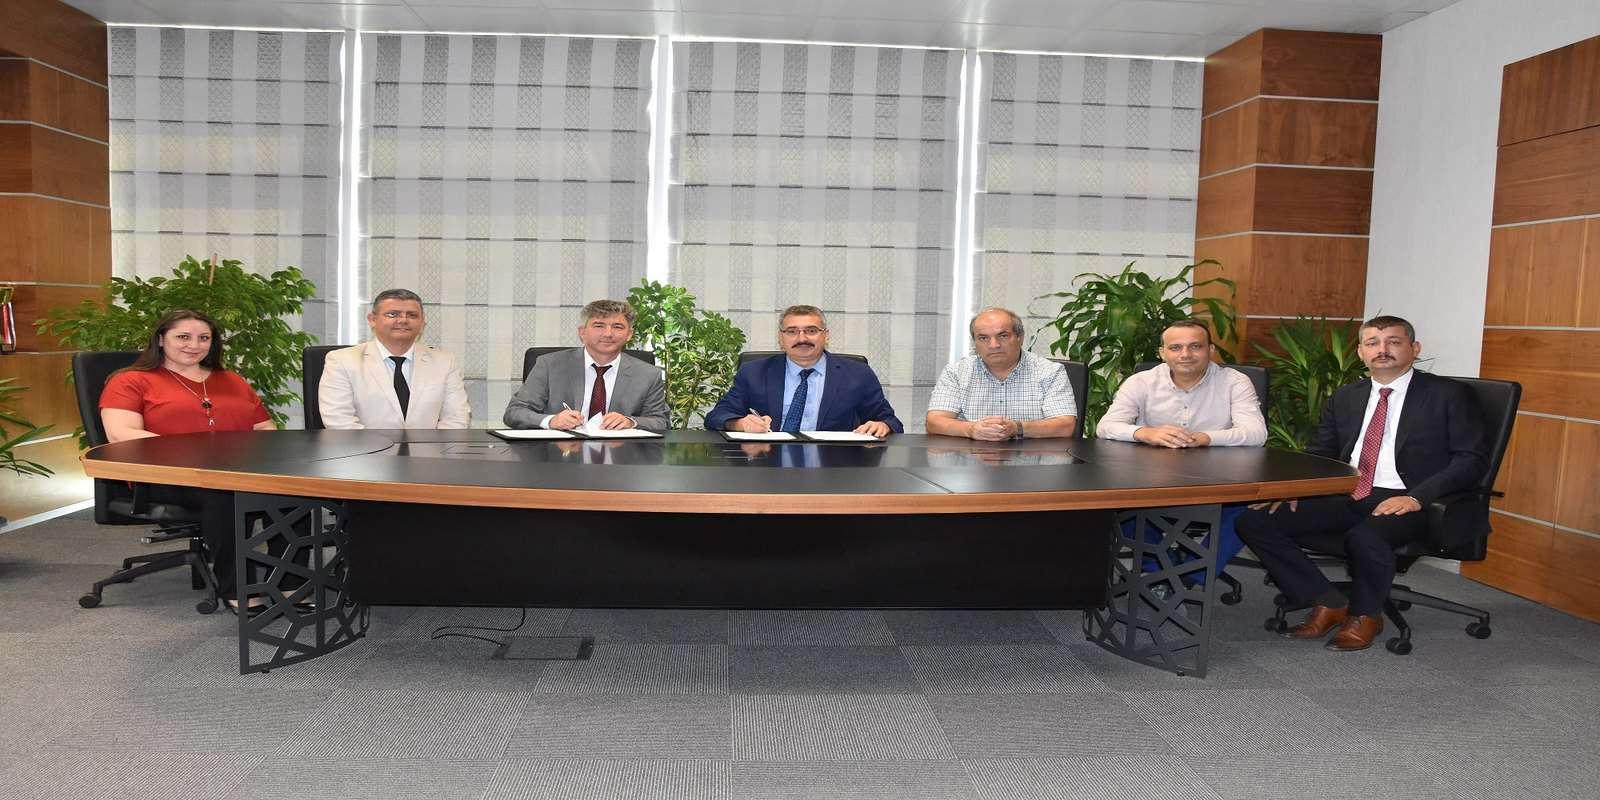 NKÜ. İle C.F. Maier Polimer Teknik Ltd. Şti. Arasında Protokol İmzalandı